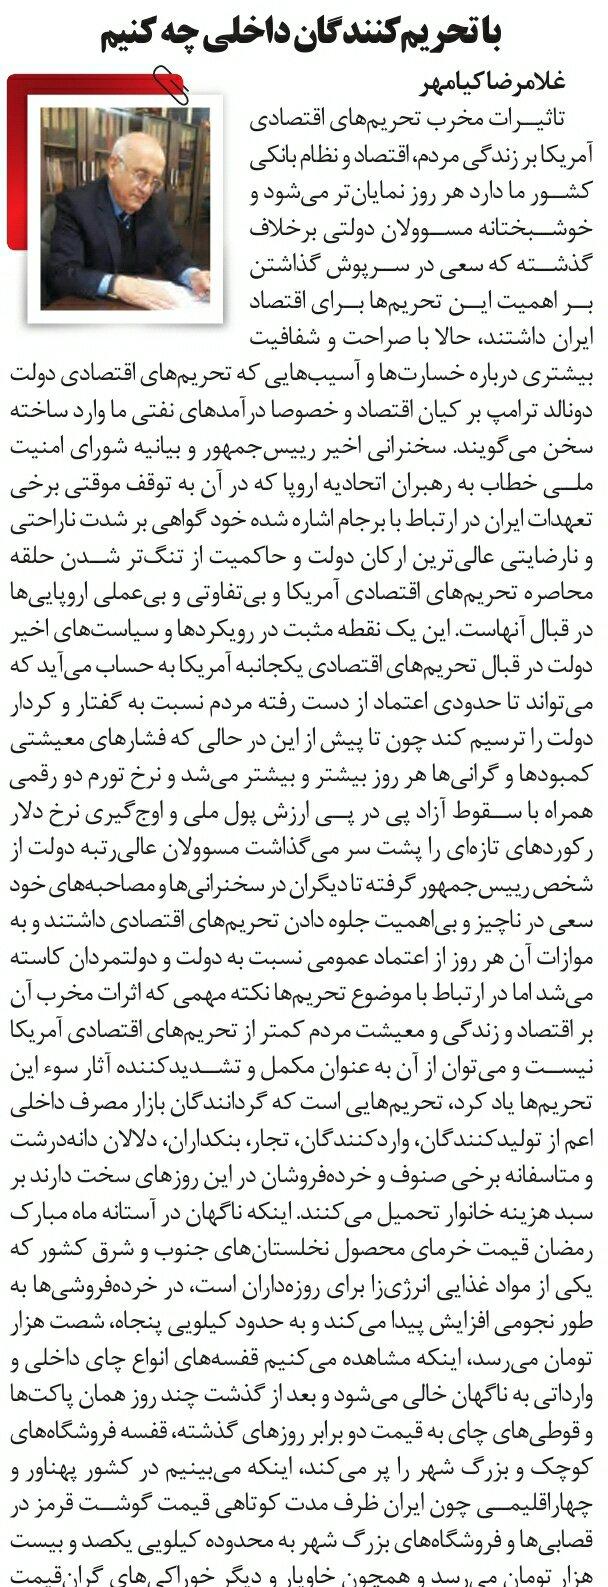 بين الصفحات الإيرانية: أوروبا لن تنقذنا.. والتفاوض مع ترامب الخيار الأسلم 6